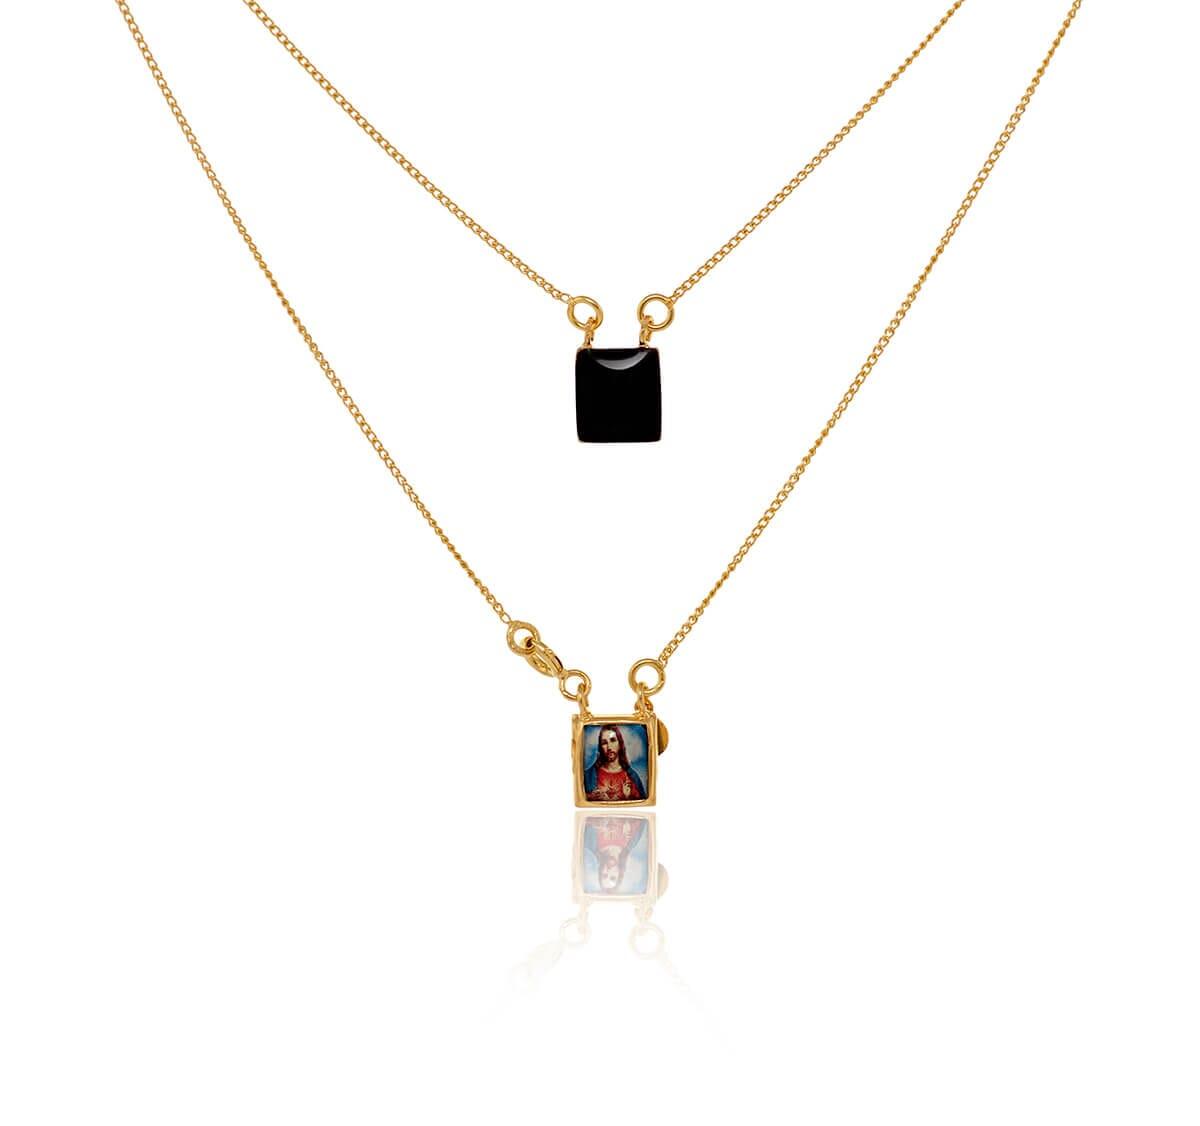 Escapulário folheado a ouro com imagem em resina colorida 45cm 60046-1-B